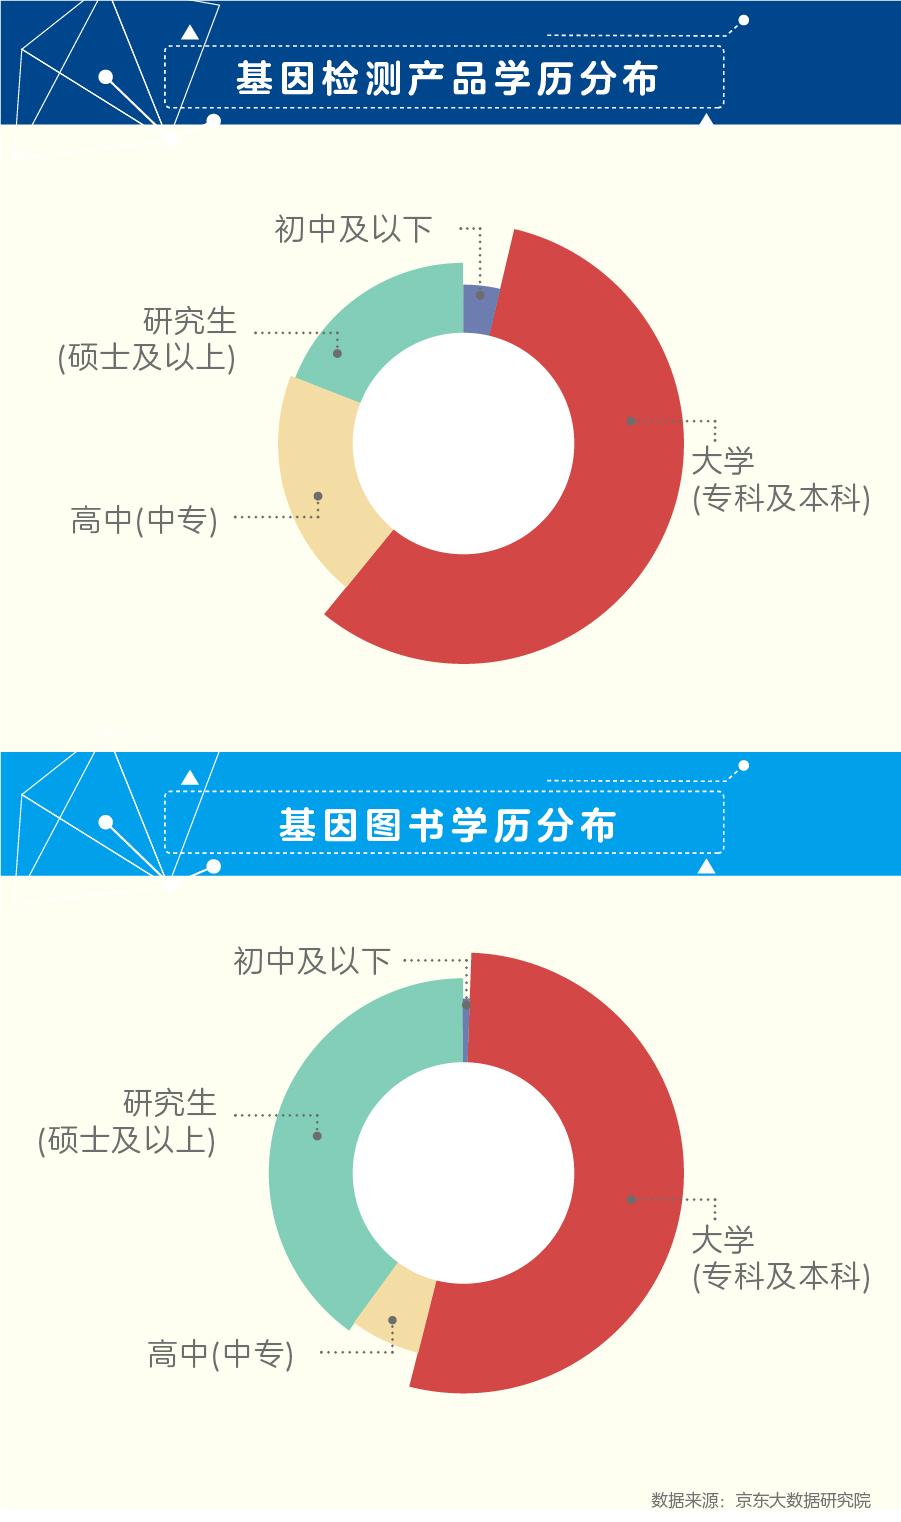 配图8-学历.jpg